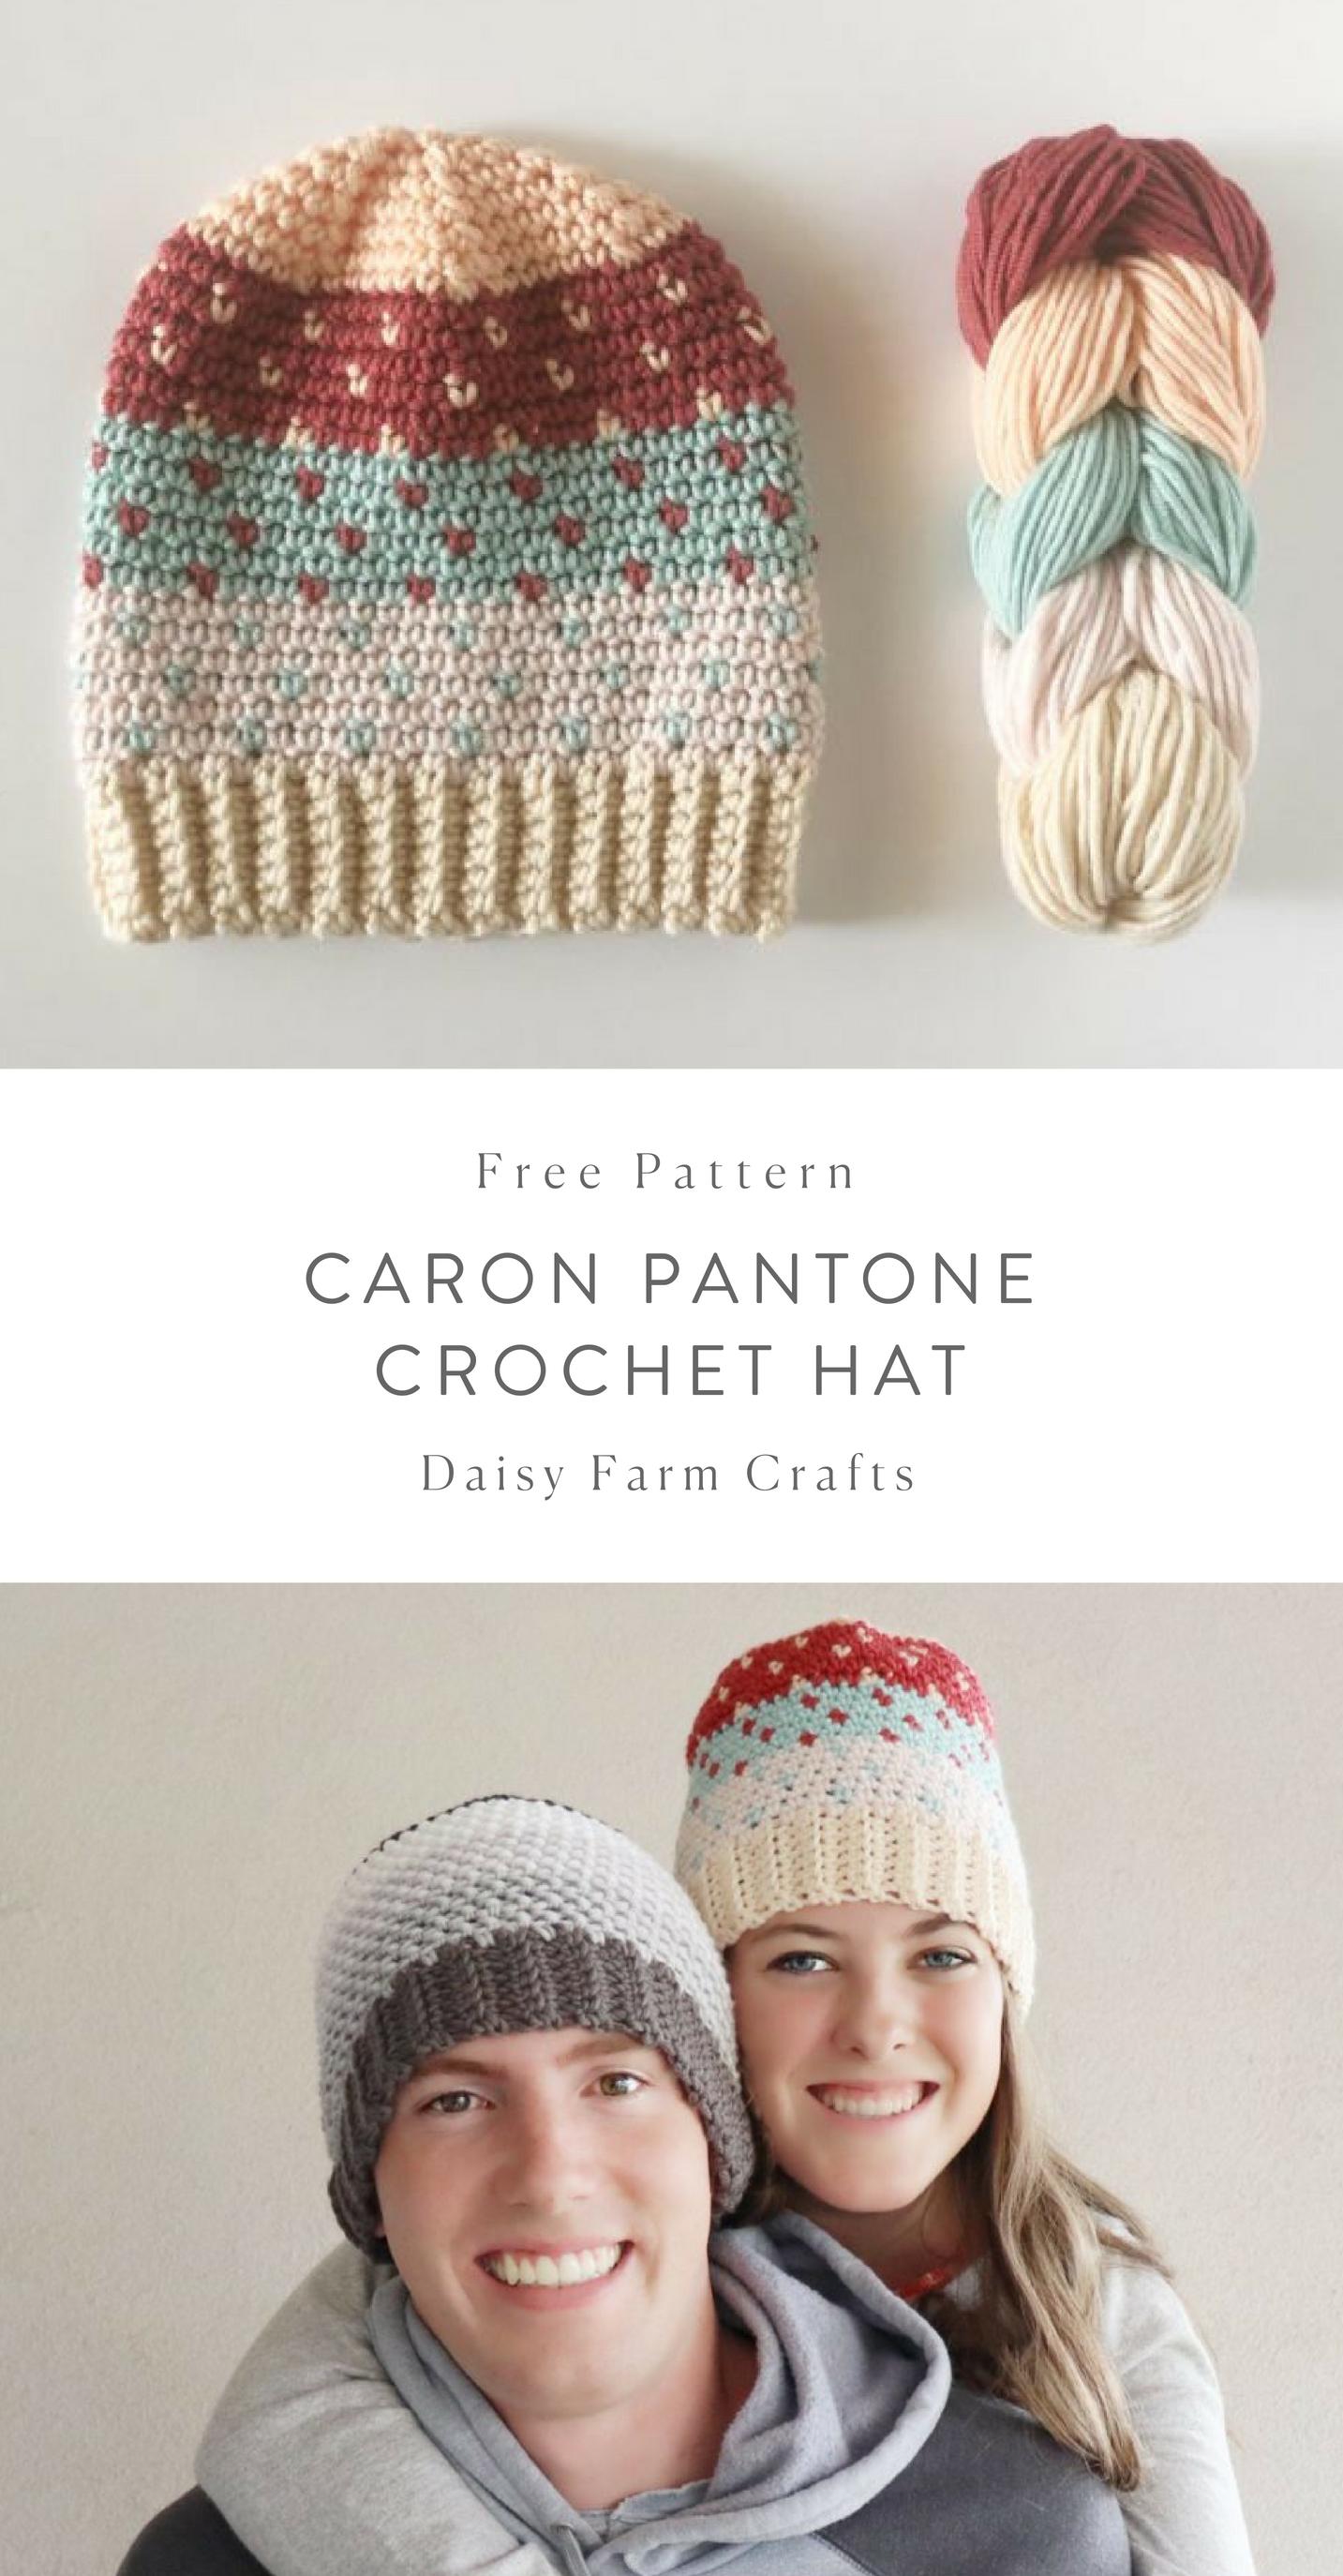 Free Pattern - Caron Pantone Crochet Hat #crochet | Crochet ...